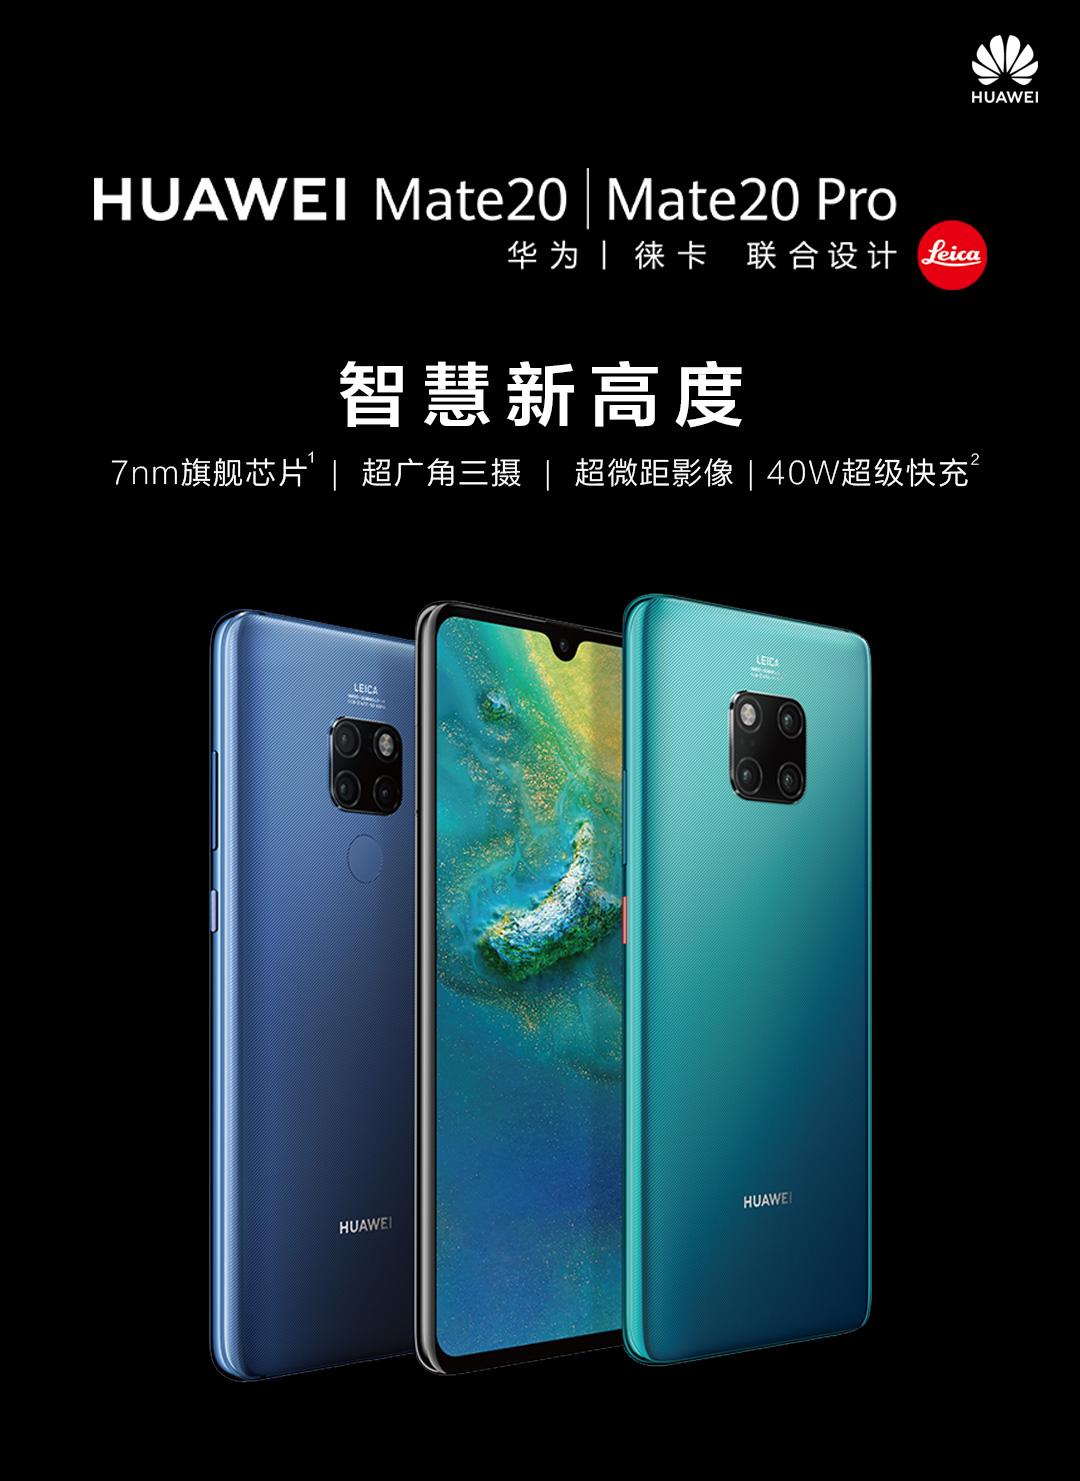 华为Mate 20 Pro 第一屏幕供应商为京东方,国货